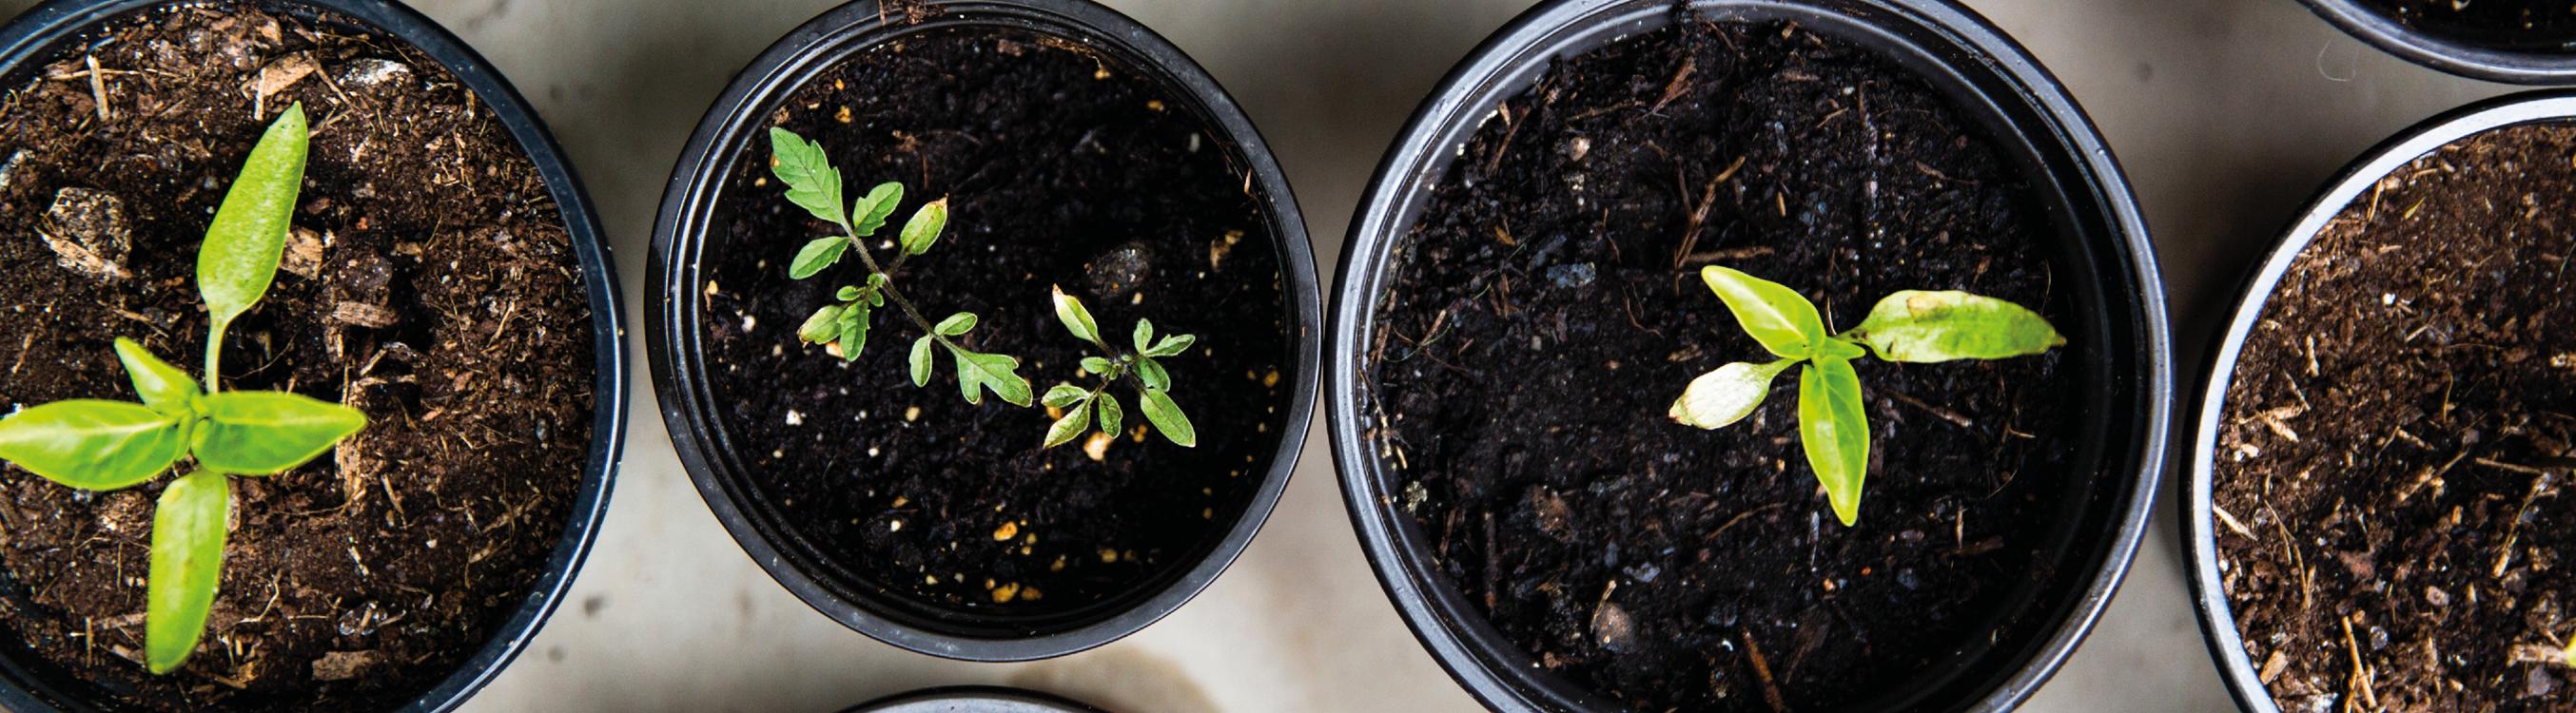 Grønne planter dyrket i næringsrik jord